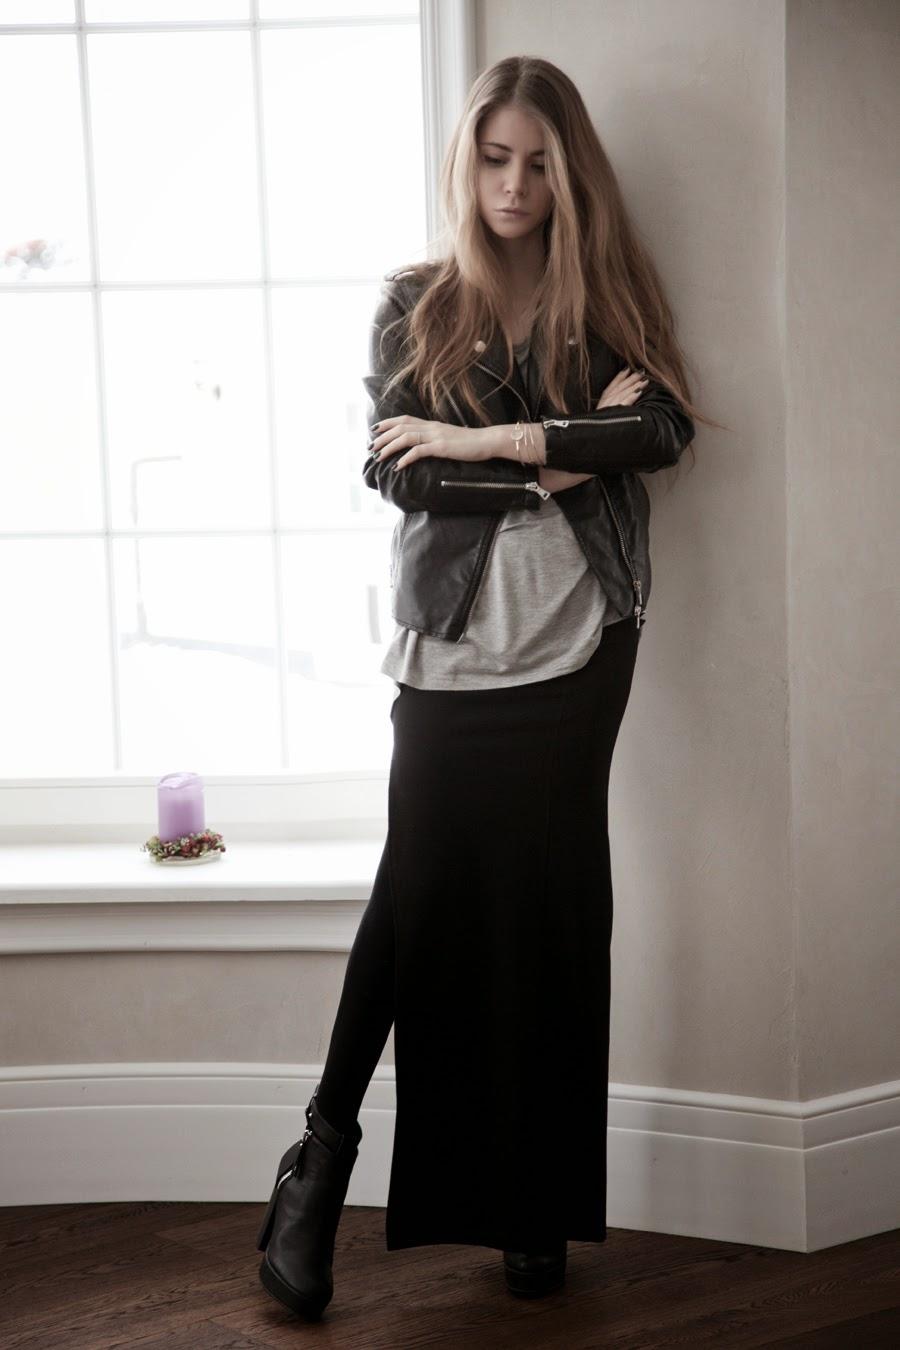 Девушка в длинной обтягивающей юбке